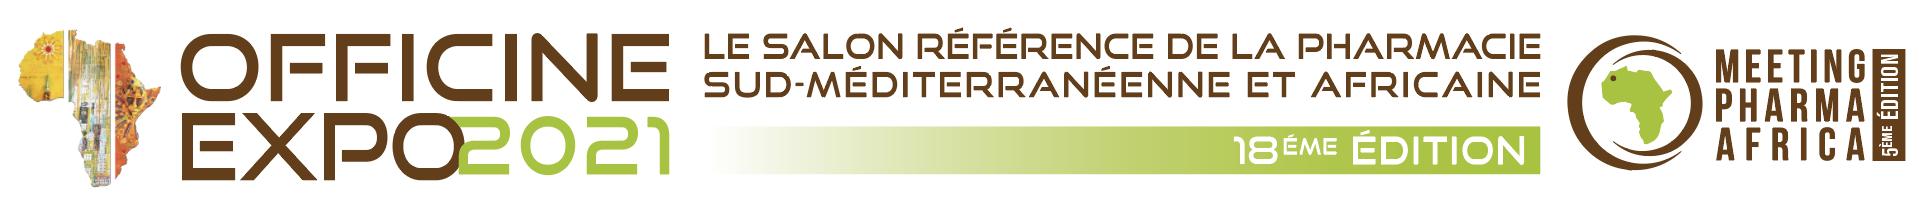 OFFICINE EXPO 2020 Logo